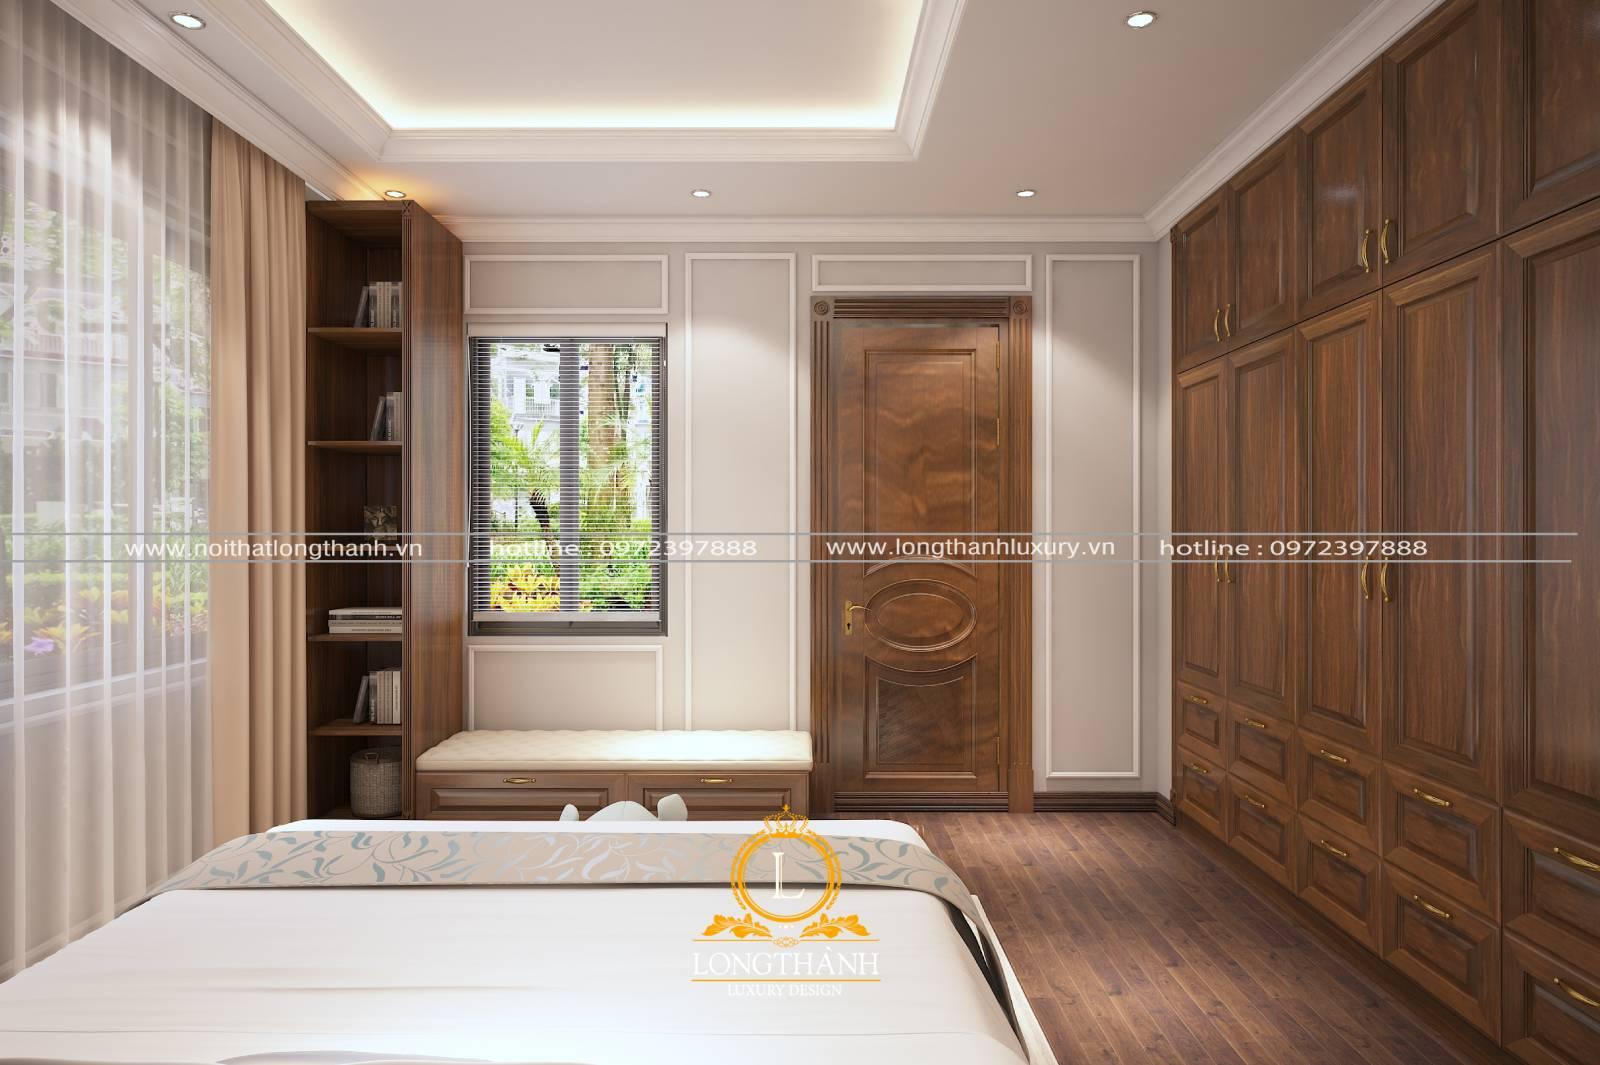 Phòng ngủ nhỏ với thiết kế cửa gỗ Sồi nguyên tâm phong cách hiện đại đơn giản